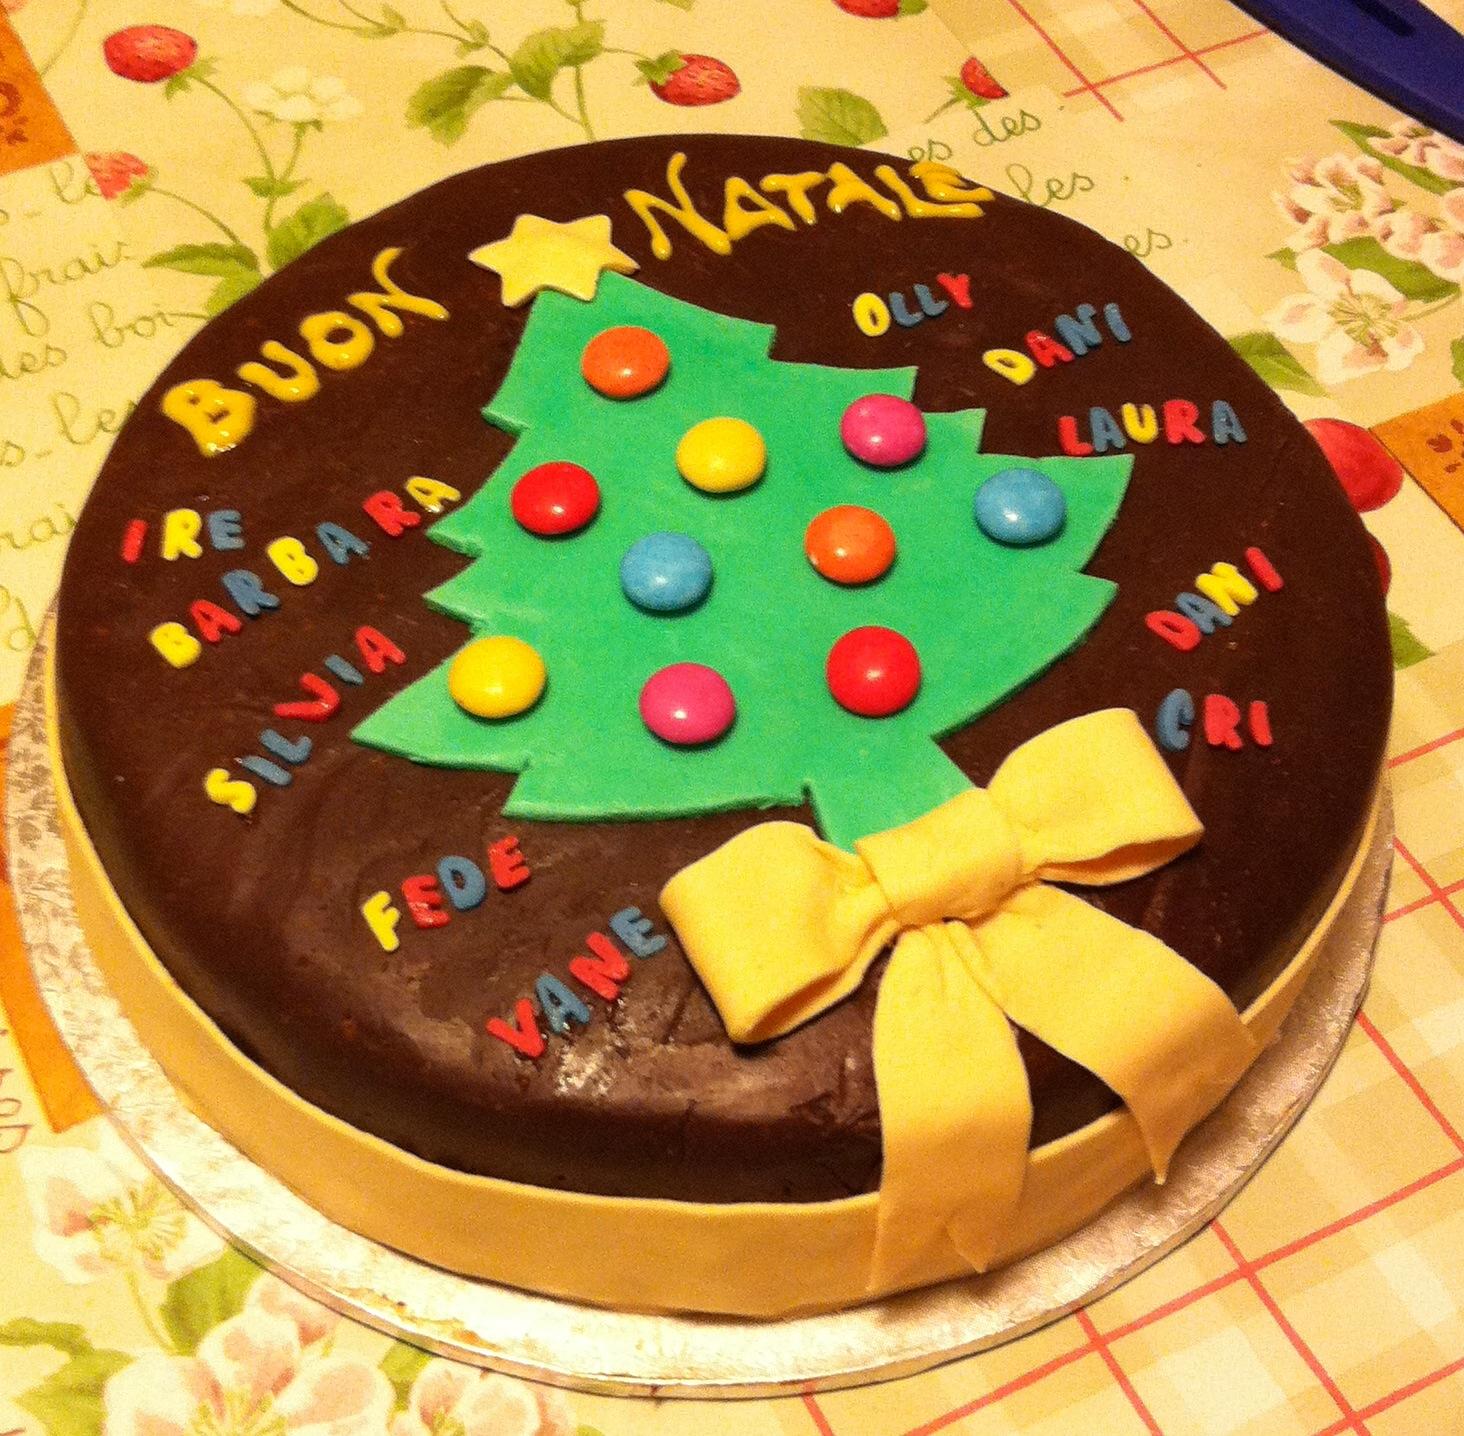 Torte di natale idee decorazioni torte di natale foto 30 - Torte natalizie decorate ...